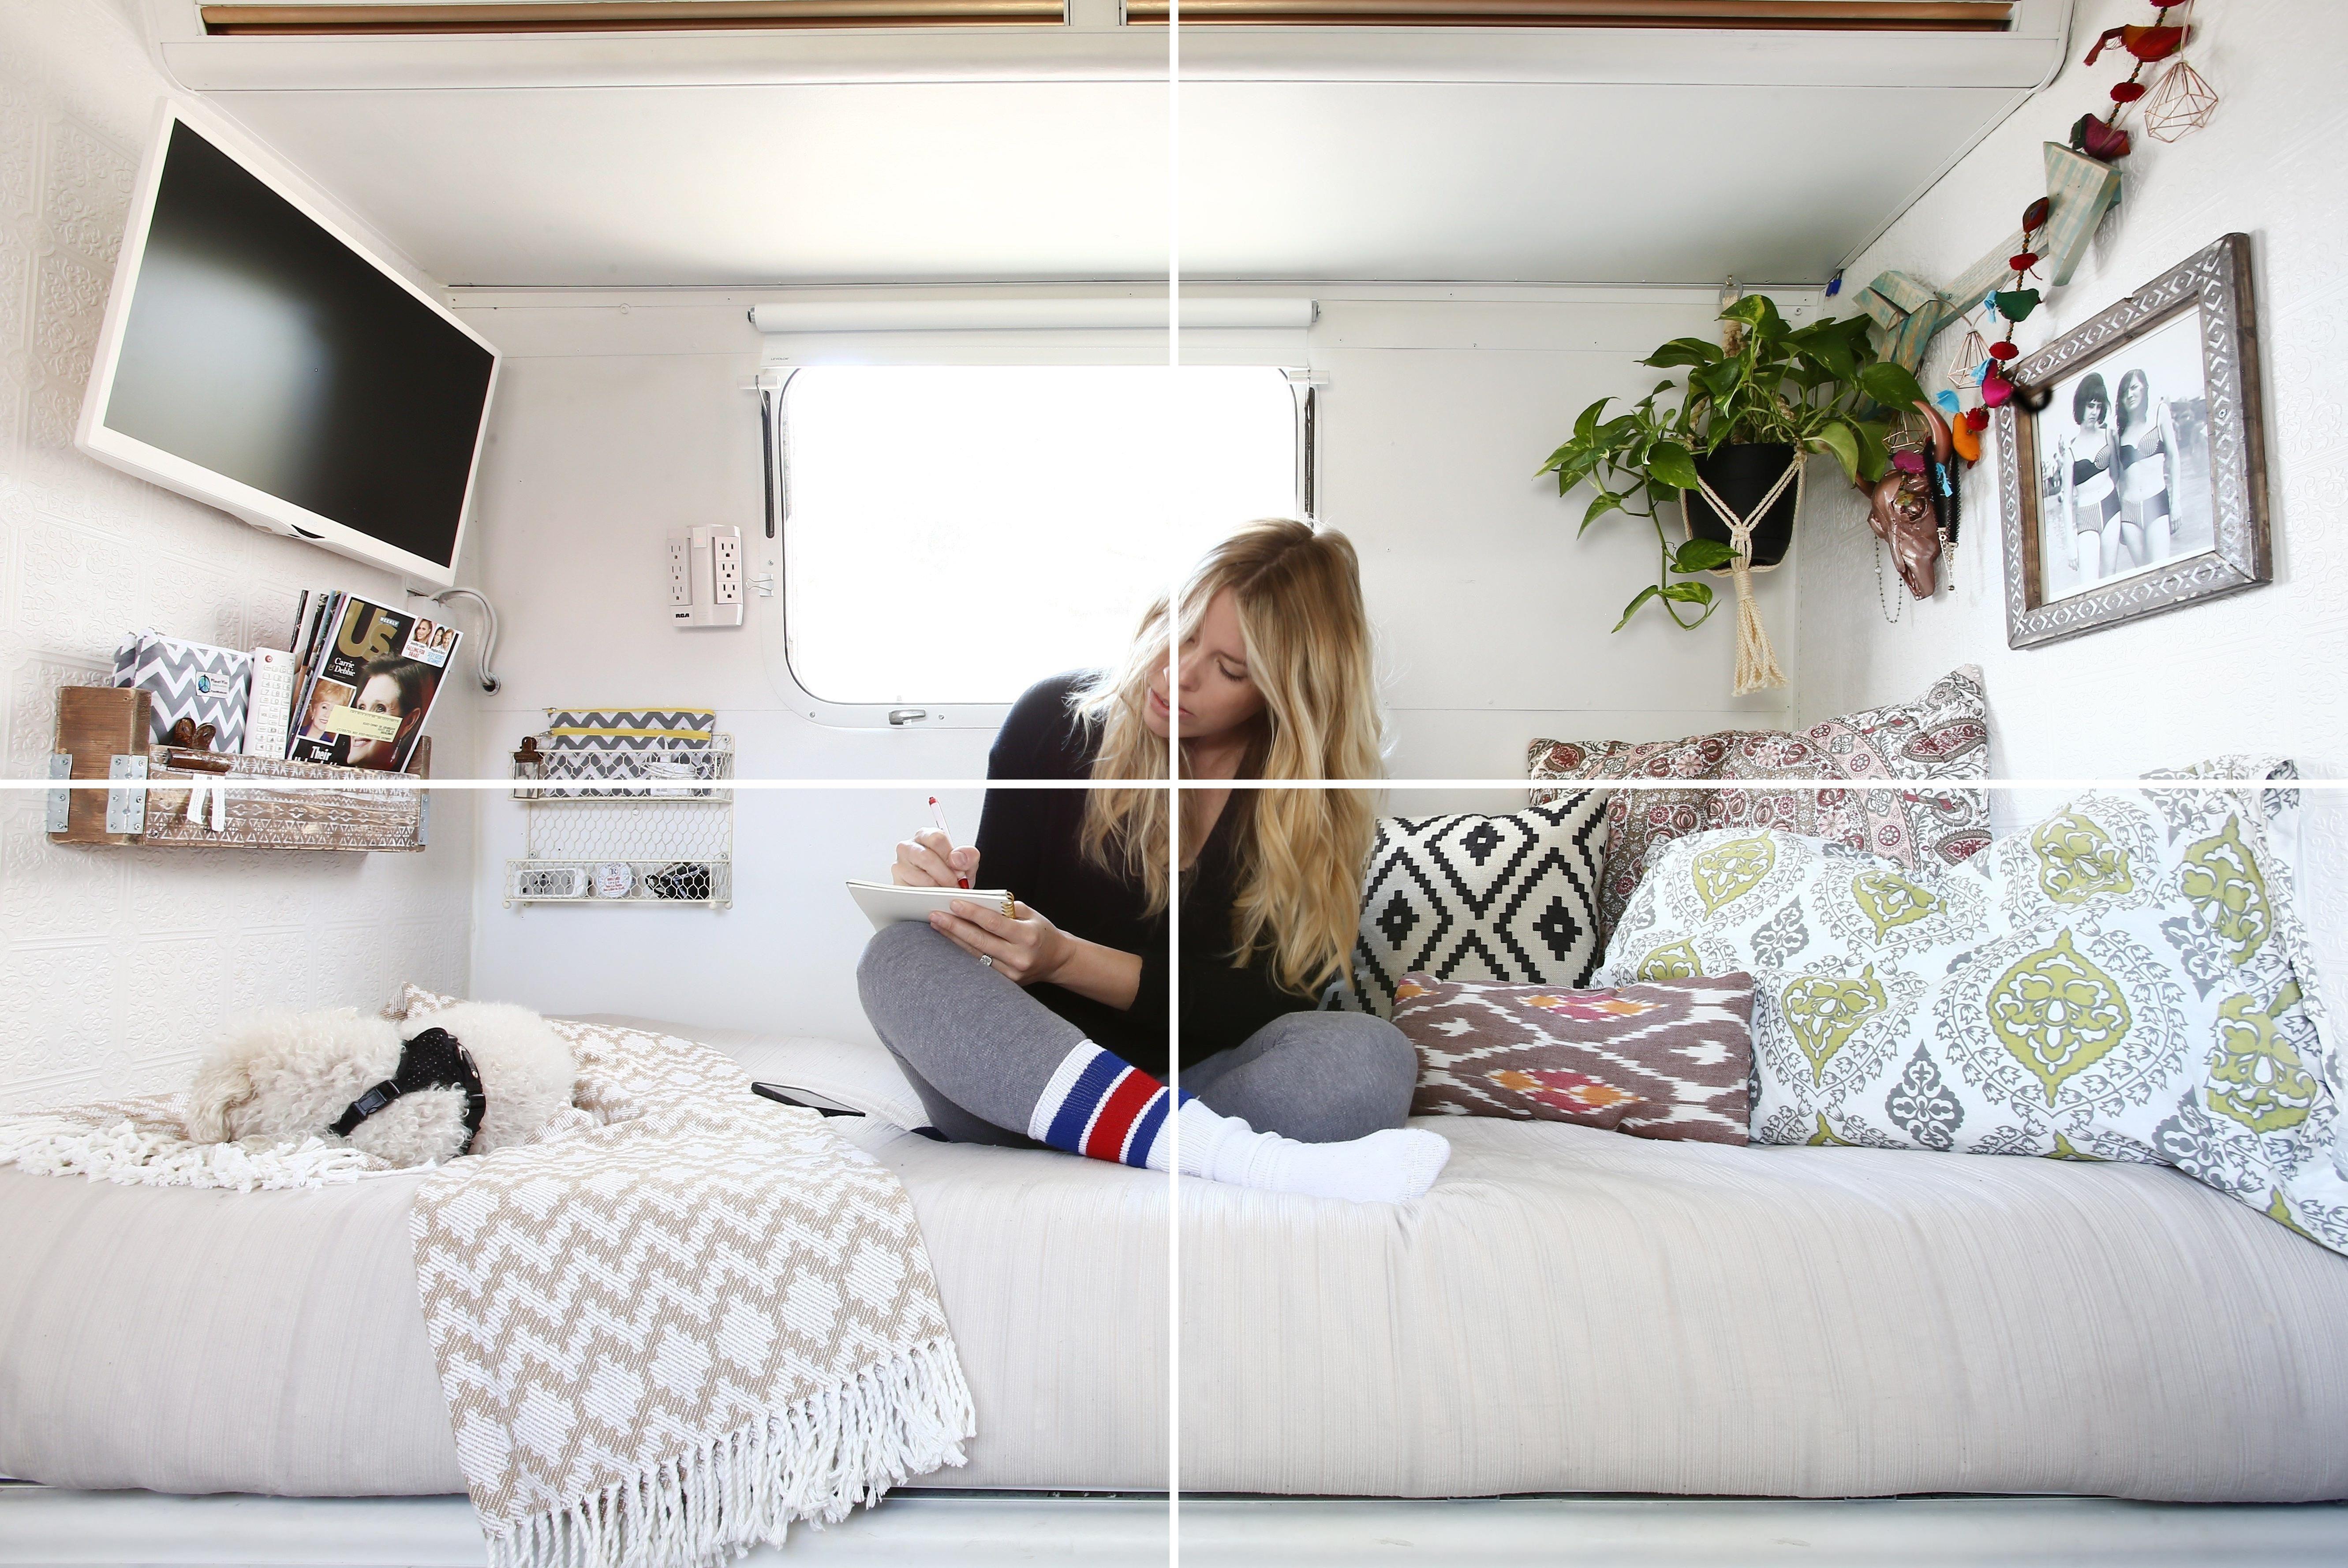 Home Bedroom Design Ideas For My Bedroom House Bedroom Ideas In 2020 Remodel Bedroom Vintage Camper Remodel Remodeled Campers